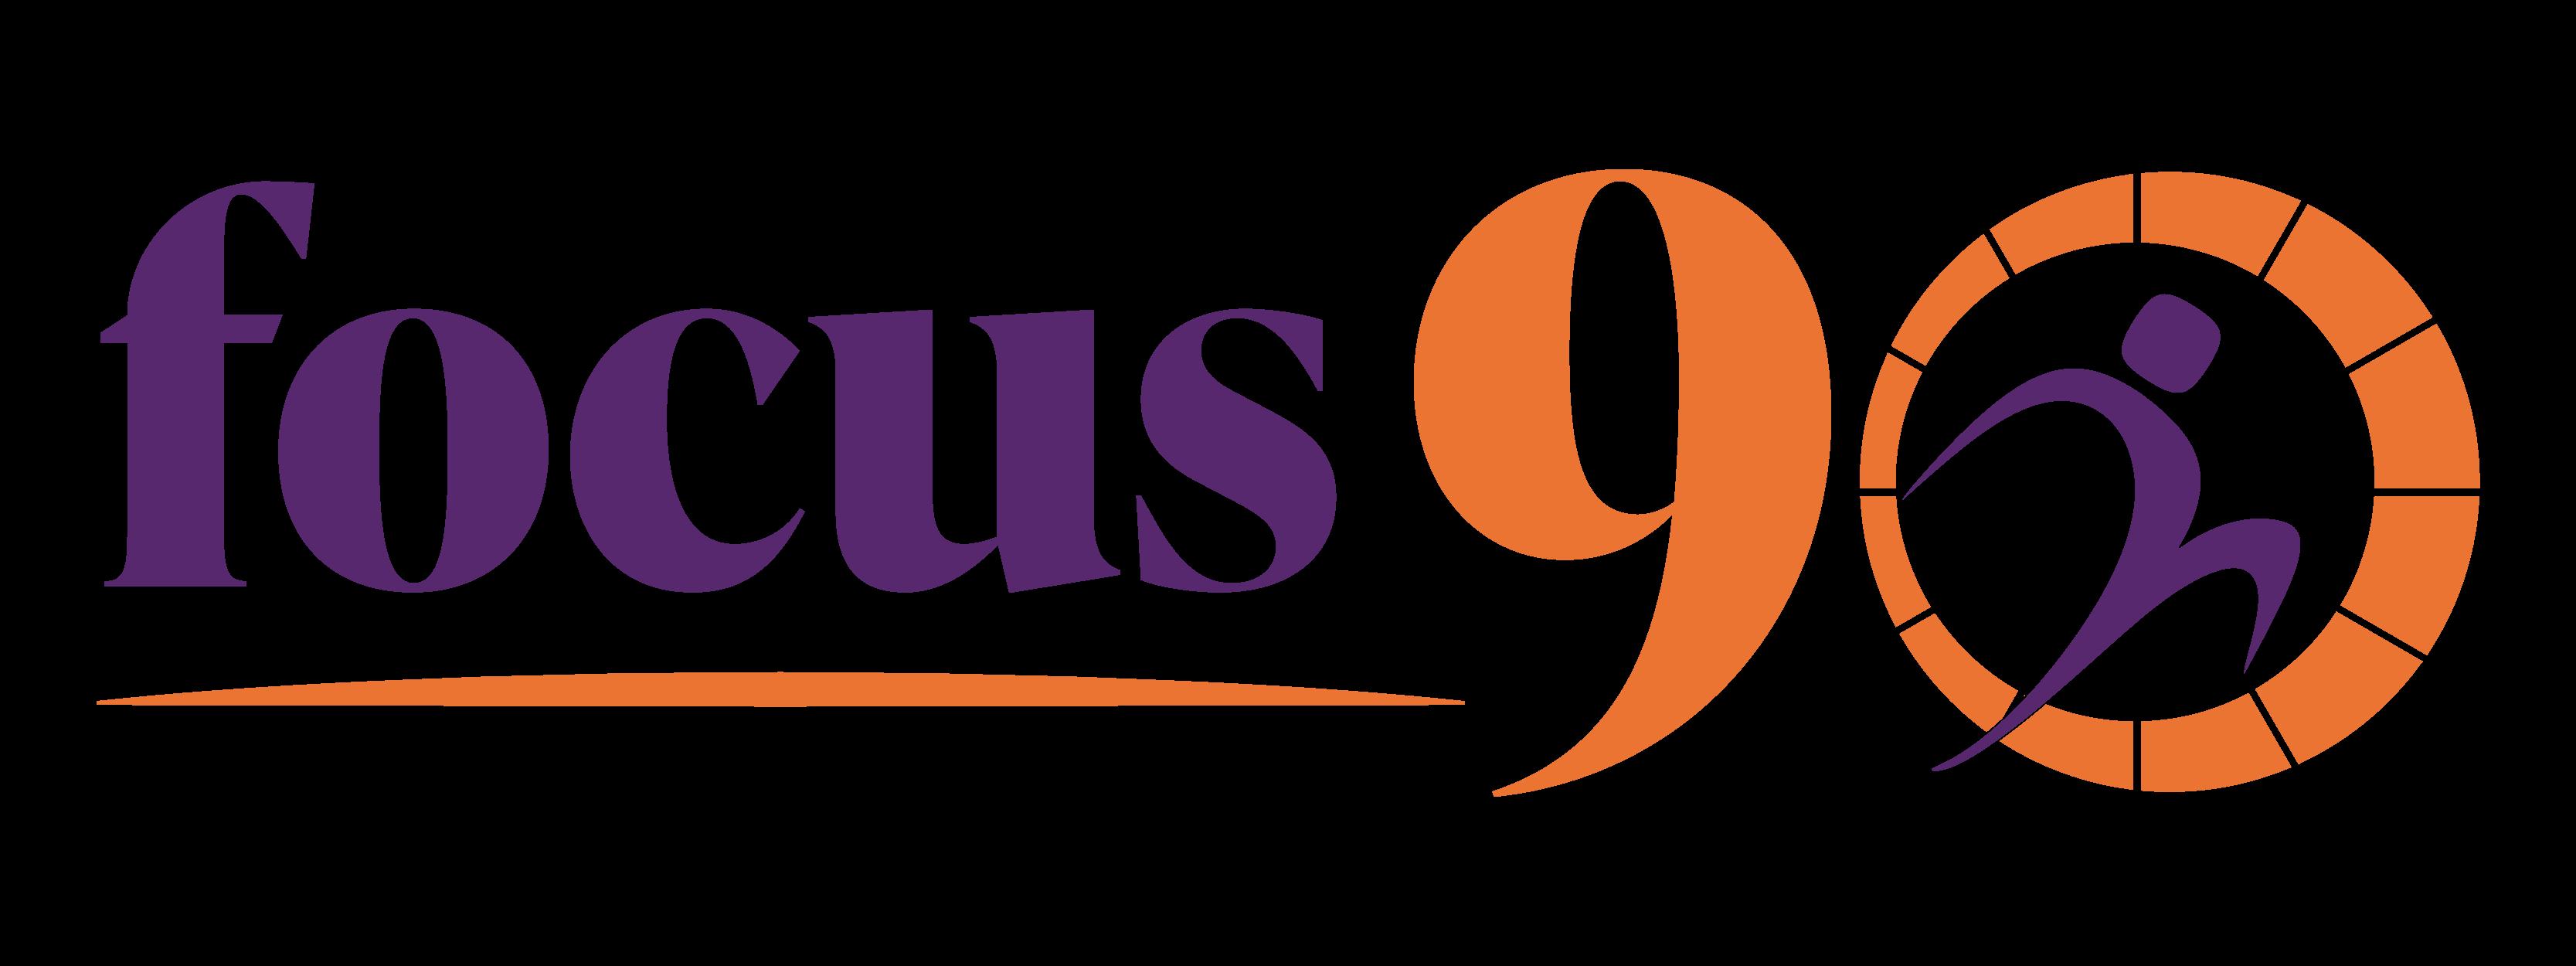 Focus90 logo